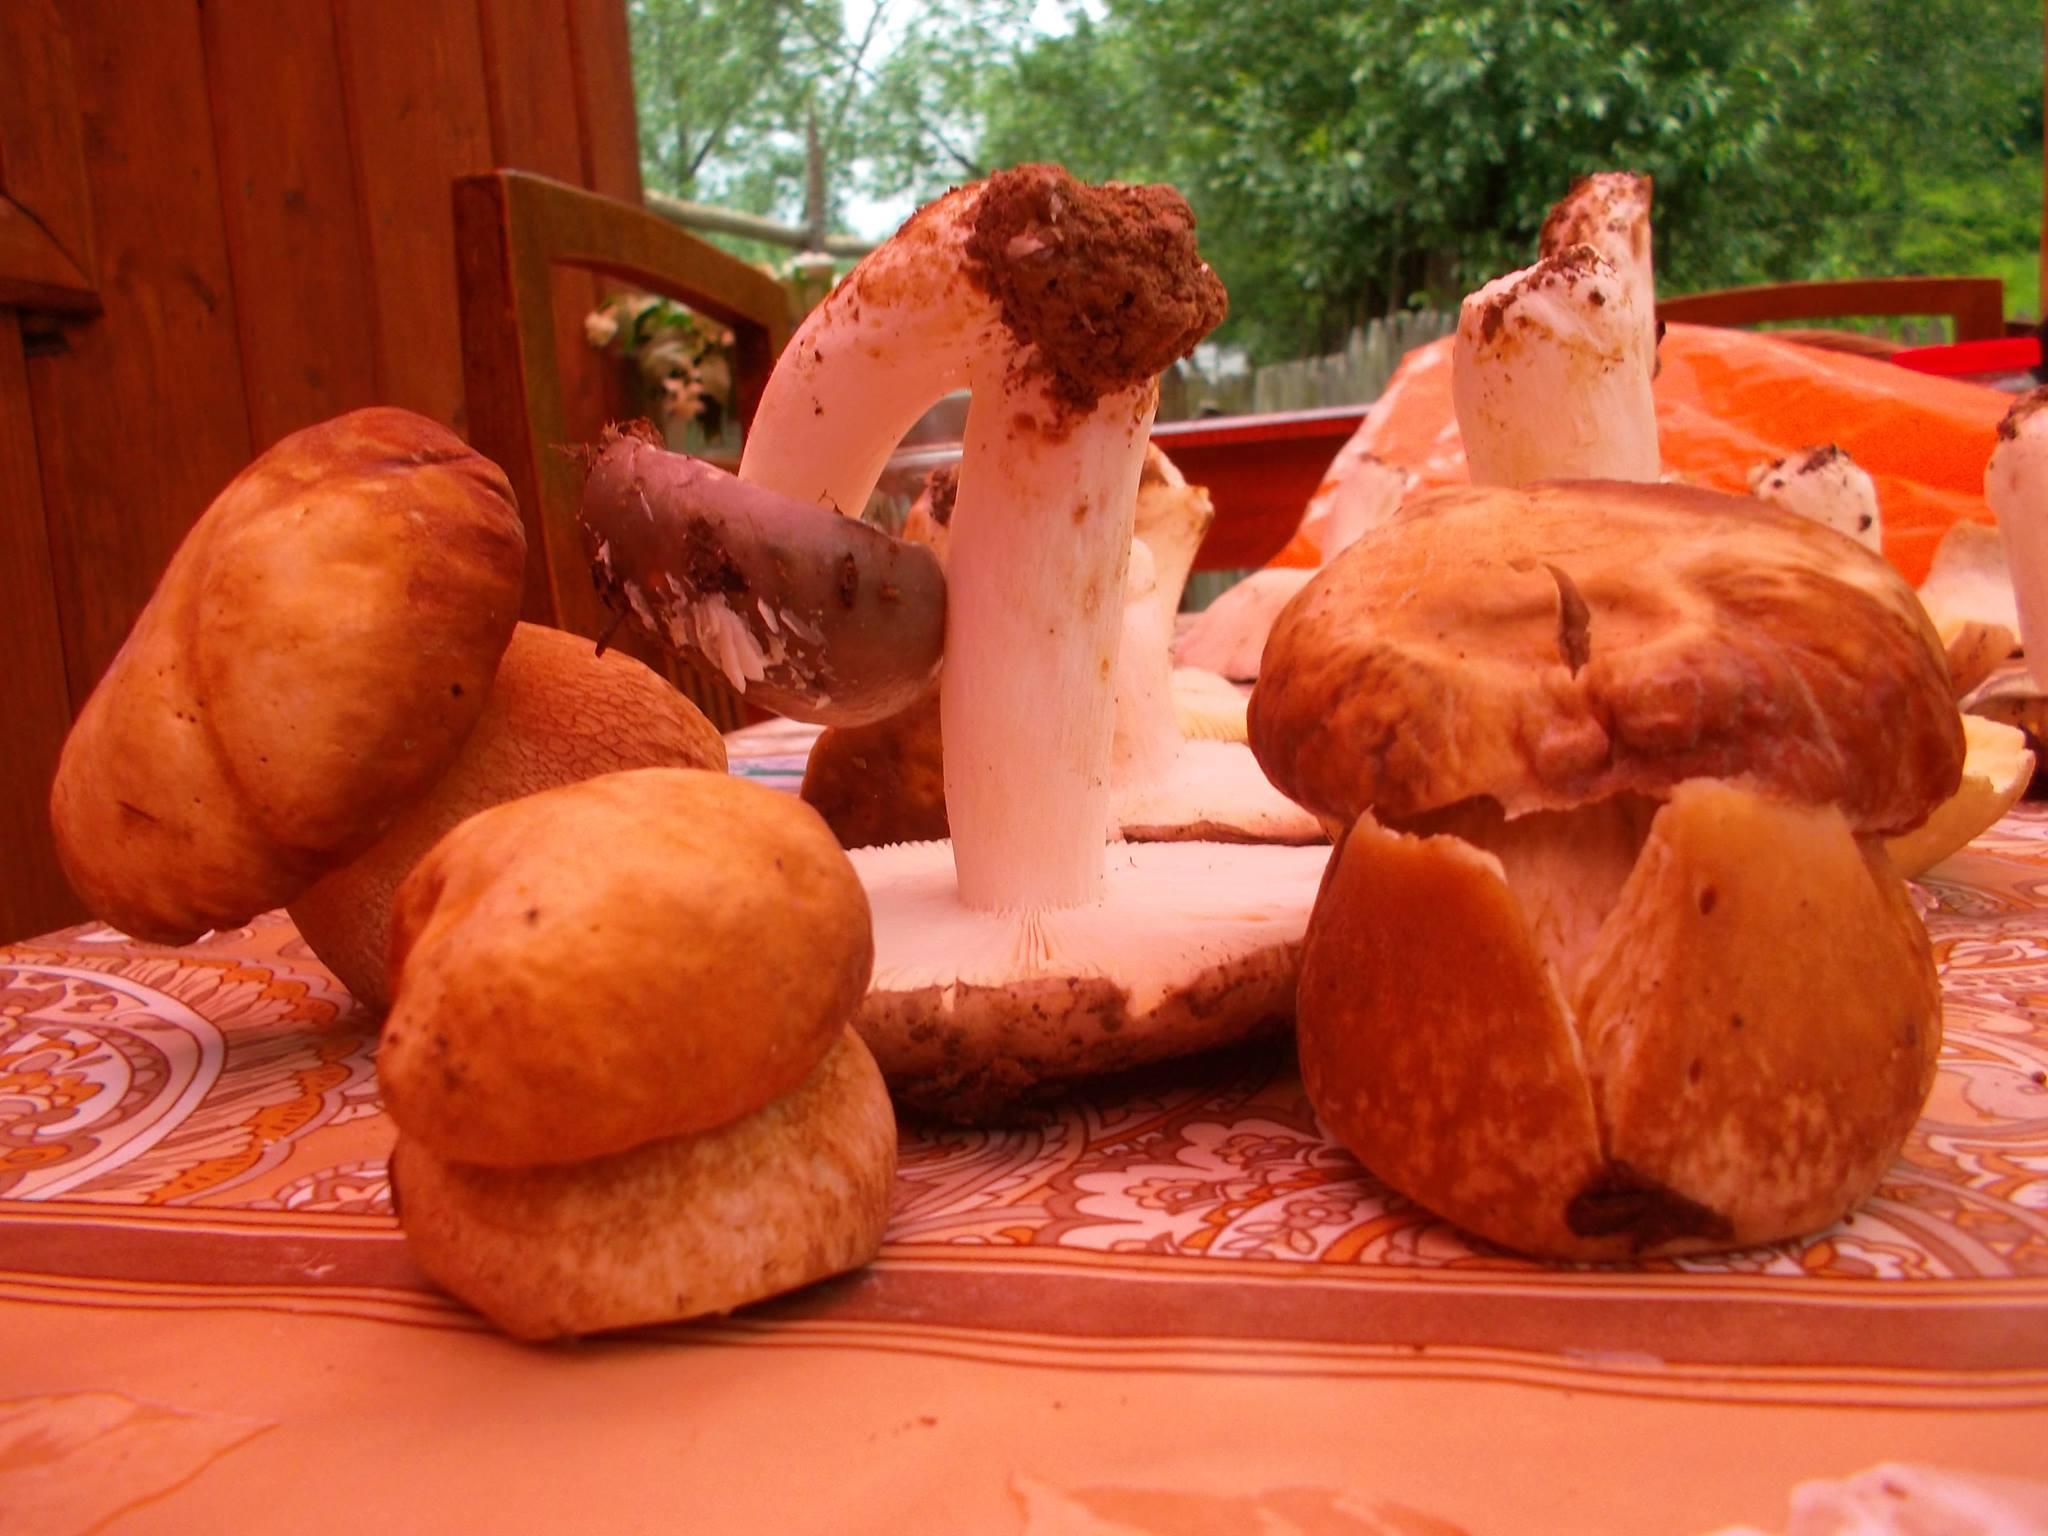 Dupa avalansa de intoxicatii. Ciupercile comercializate in Maramures, verificate de autoritati